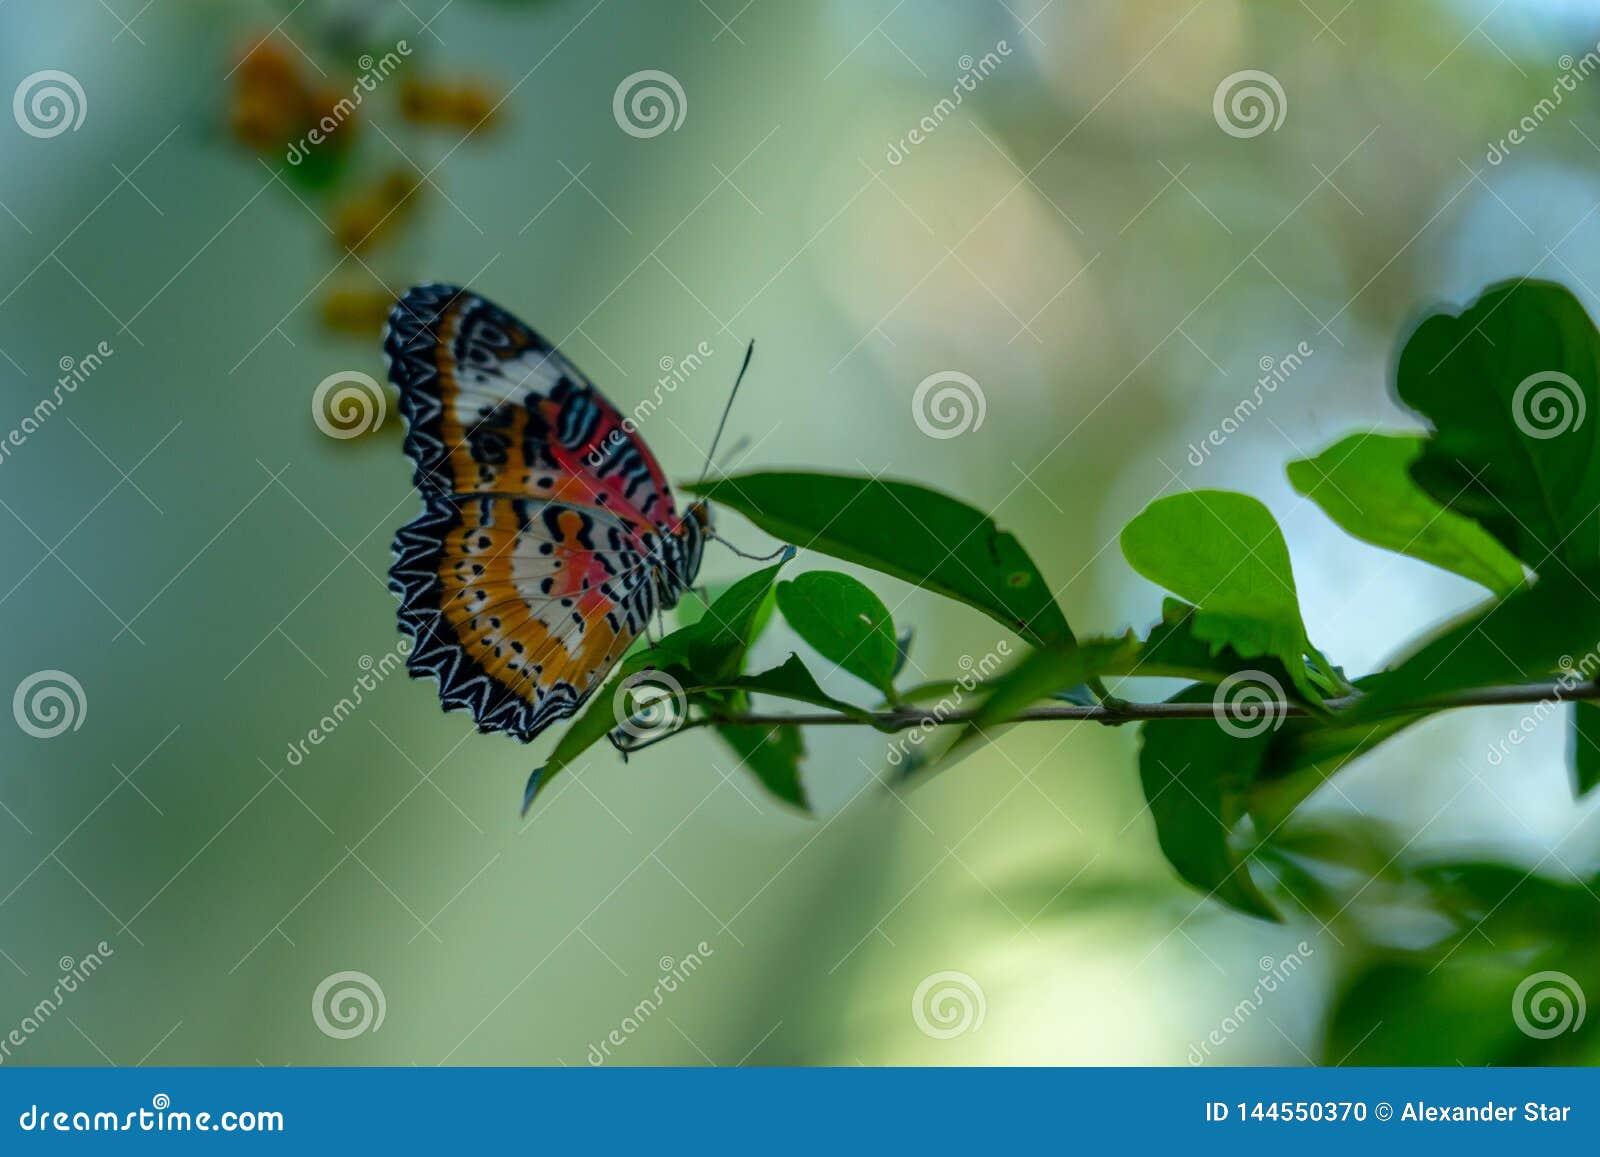 Papillon traînant sur une branche feuillue